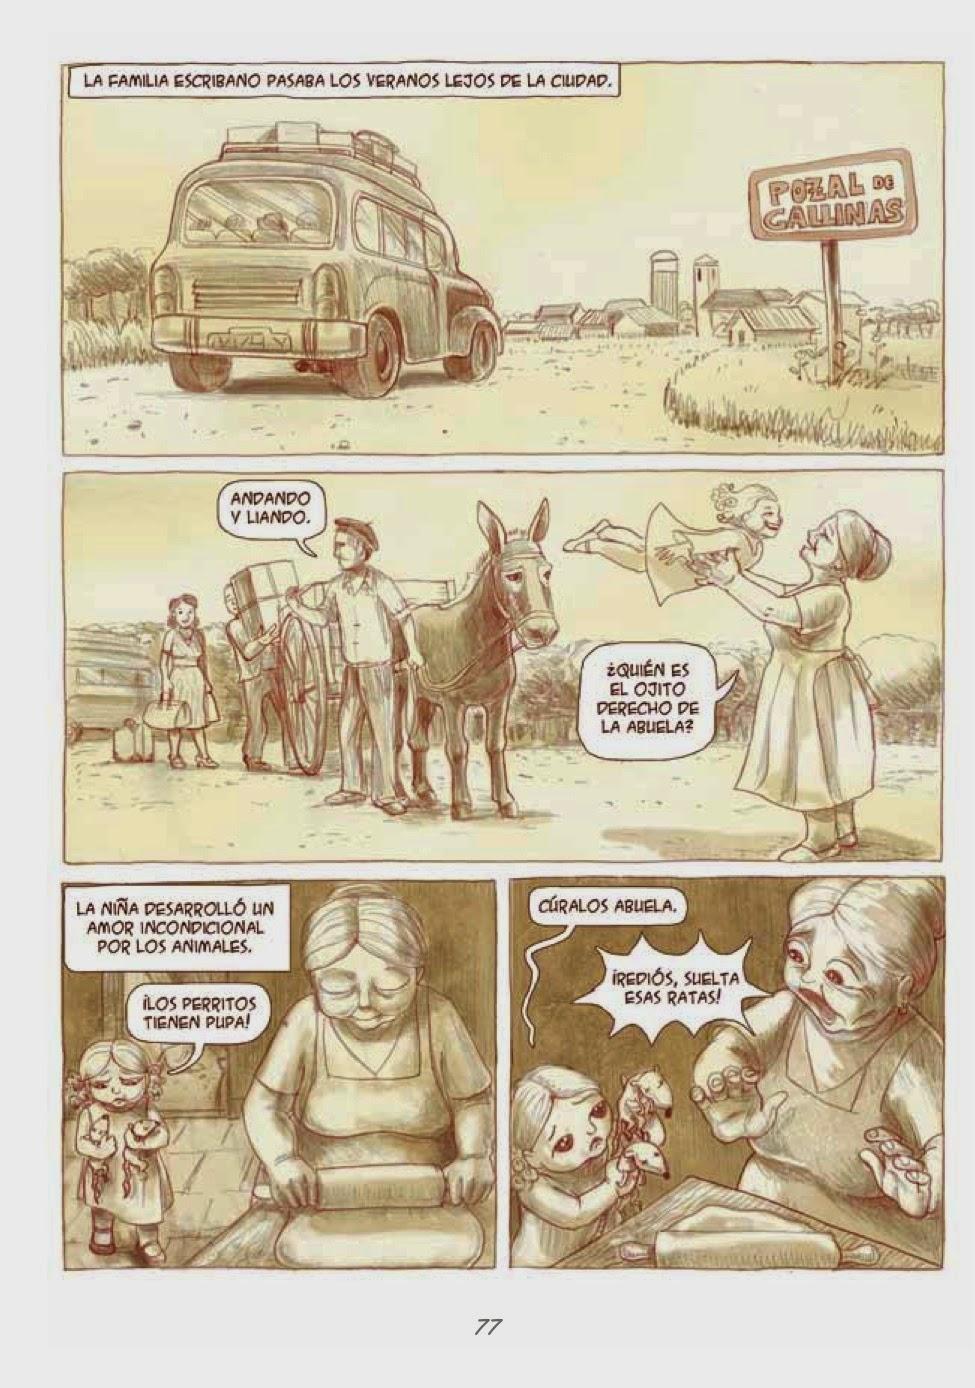 Recuerdos de Perrito de Mierda # 77 by Marta Alonso Berna, Dibbuks, March, 2014